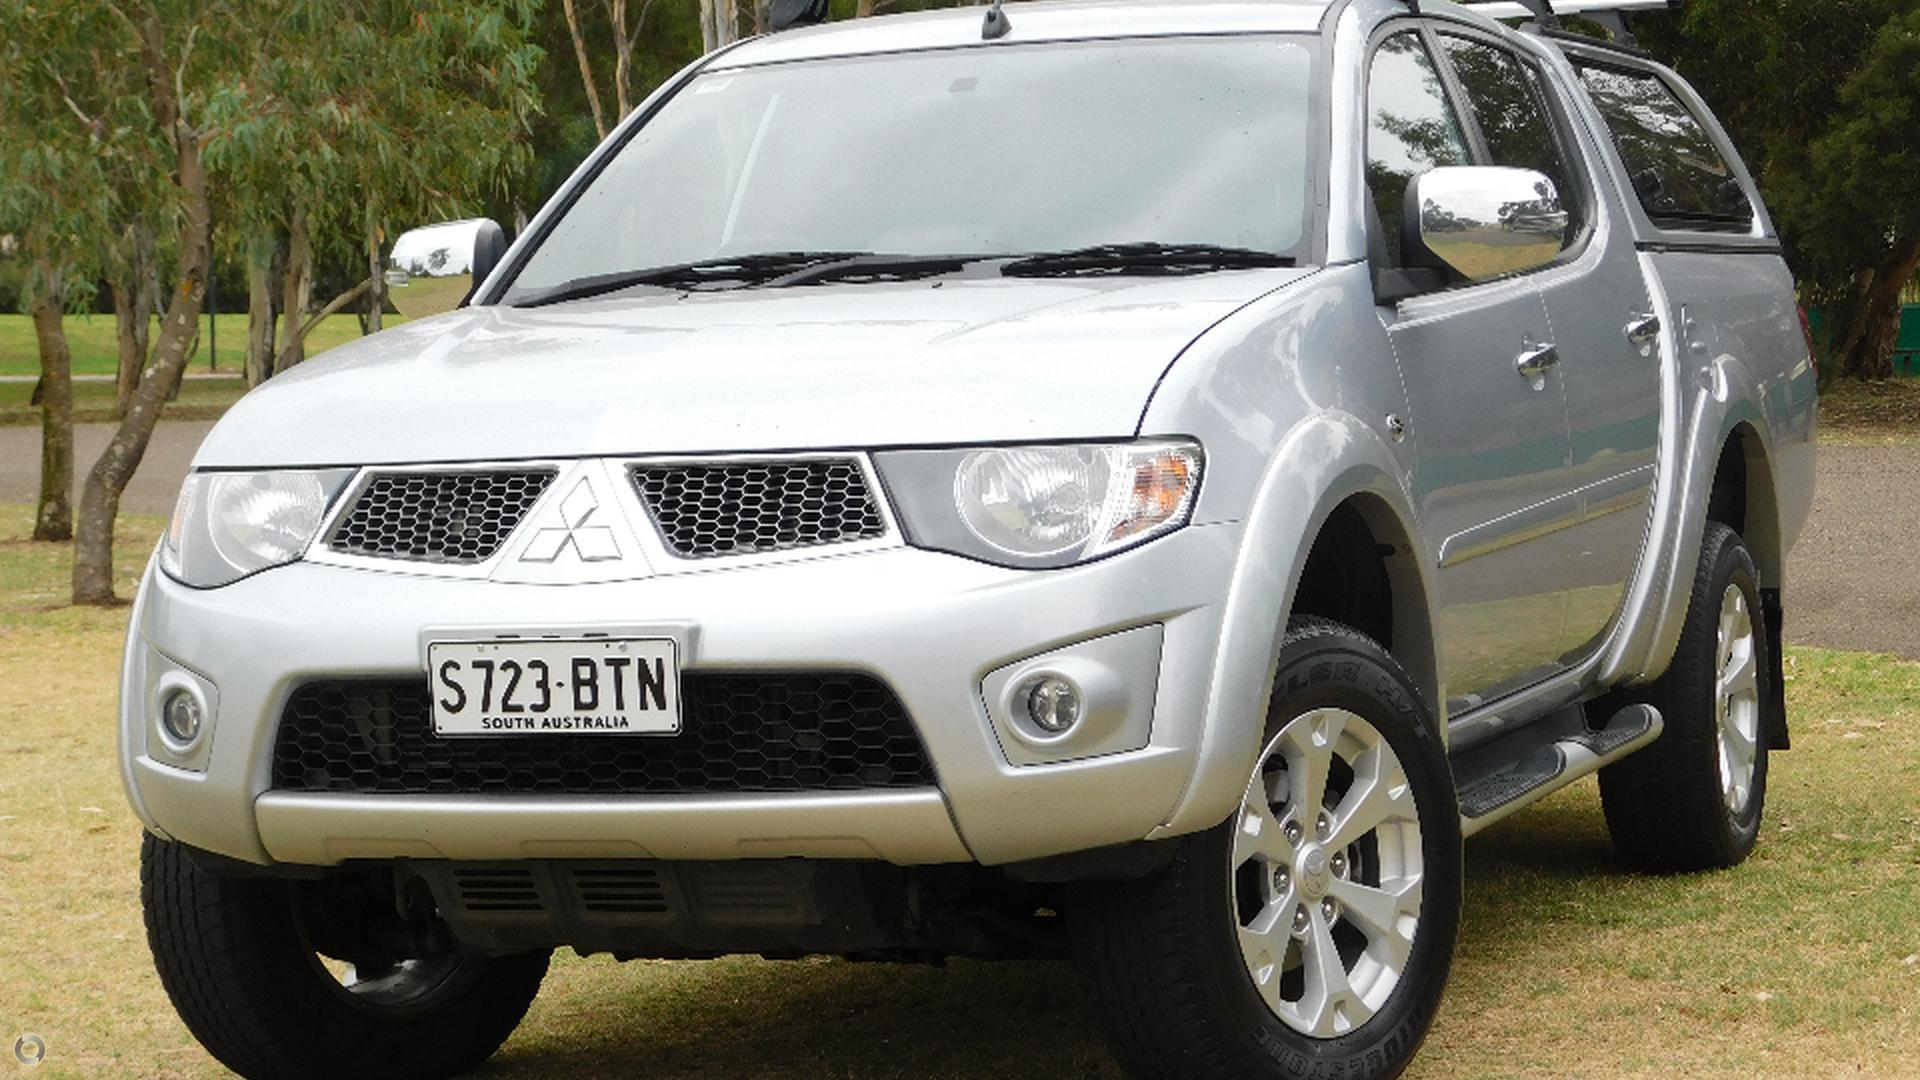 2014 Mitsubishi Triton Glx-r